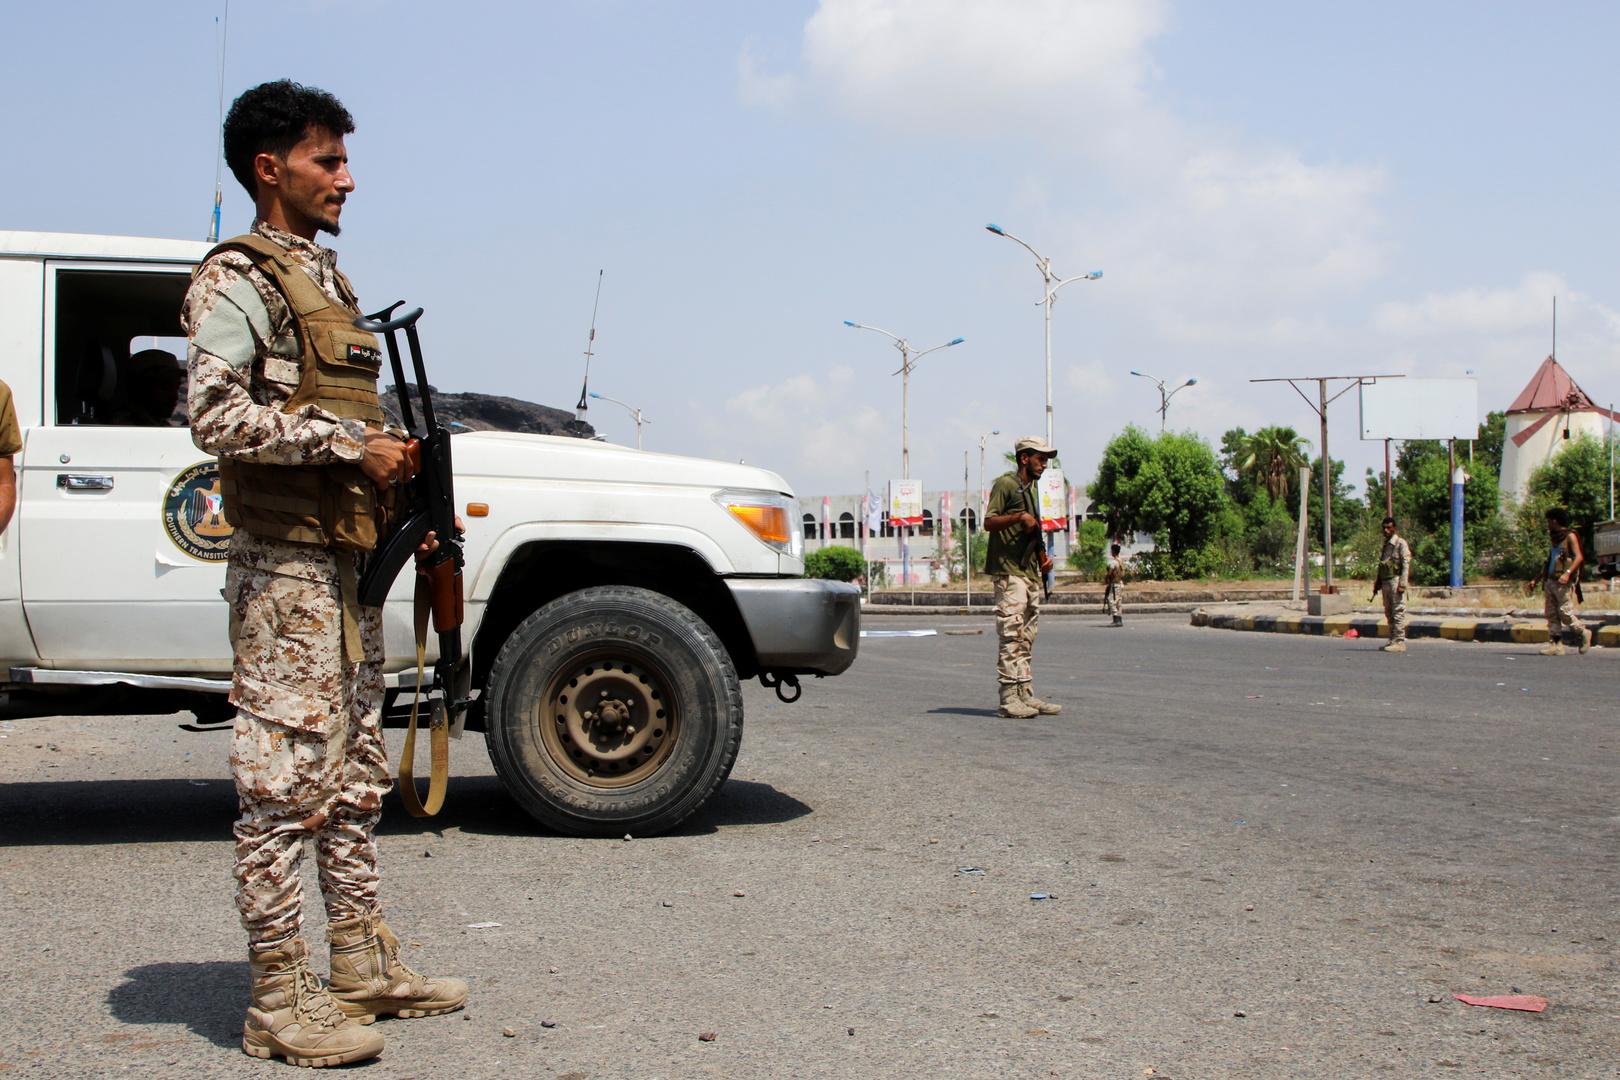 قائد المقاومة اليمنية: الحكومة ضحية الخلافات